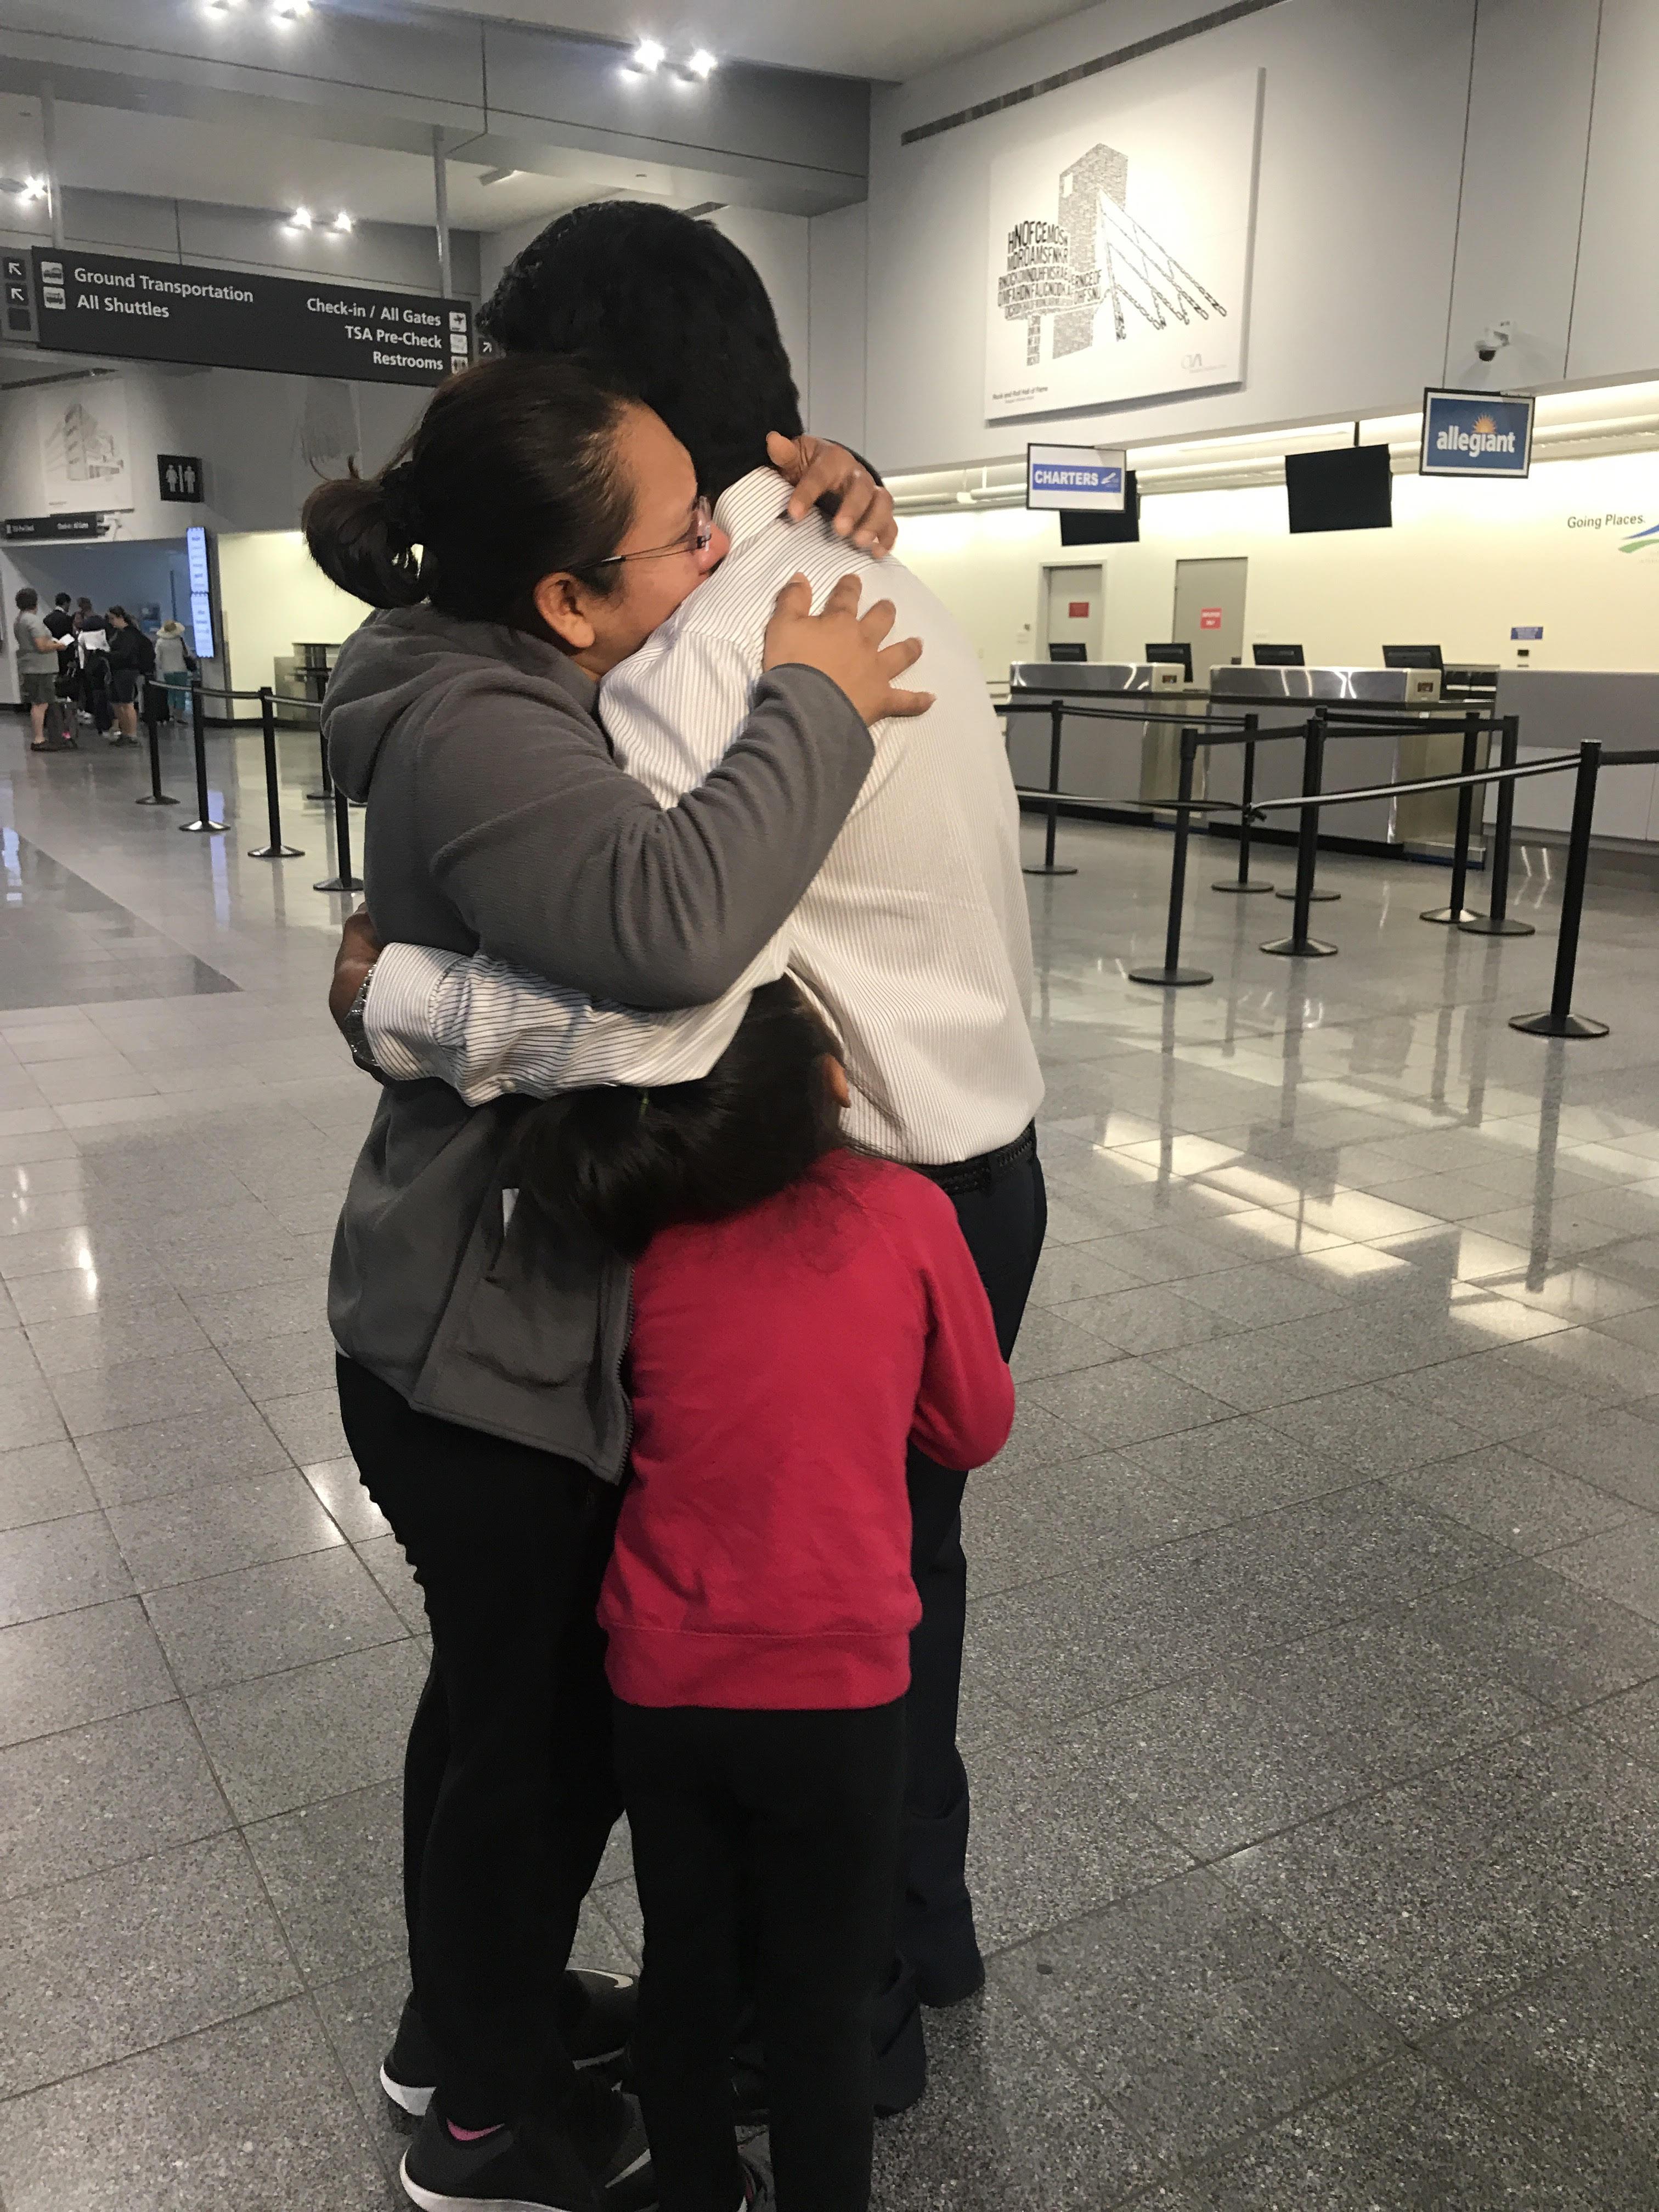 Jesús Lara se abraza a su esposa, mientras su hija Elsiy se mantiene junto a él también abrazándolo con tristeza, momentos antes de abordar el avión en el aeropuerto de Cleveland, Ohio, para ser deportado a México. Foto: Juan Escalante/America's Voice.